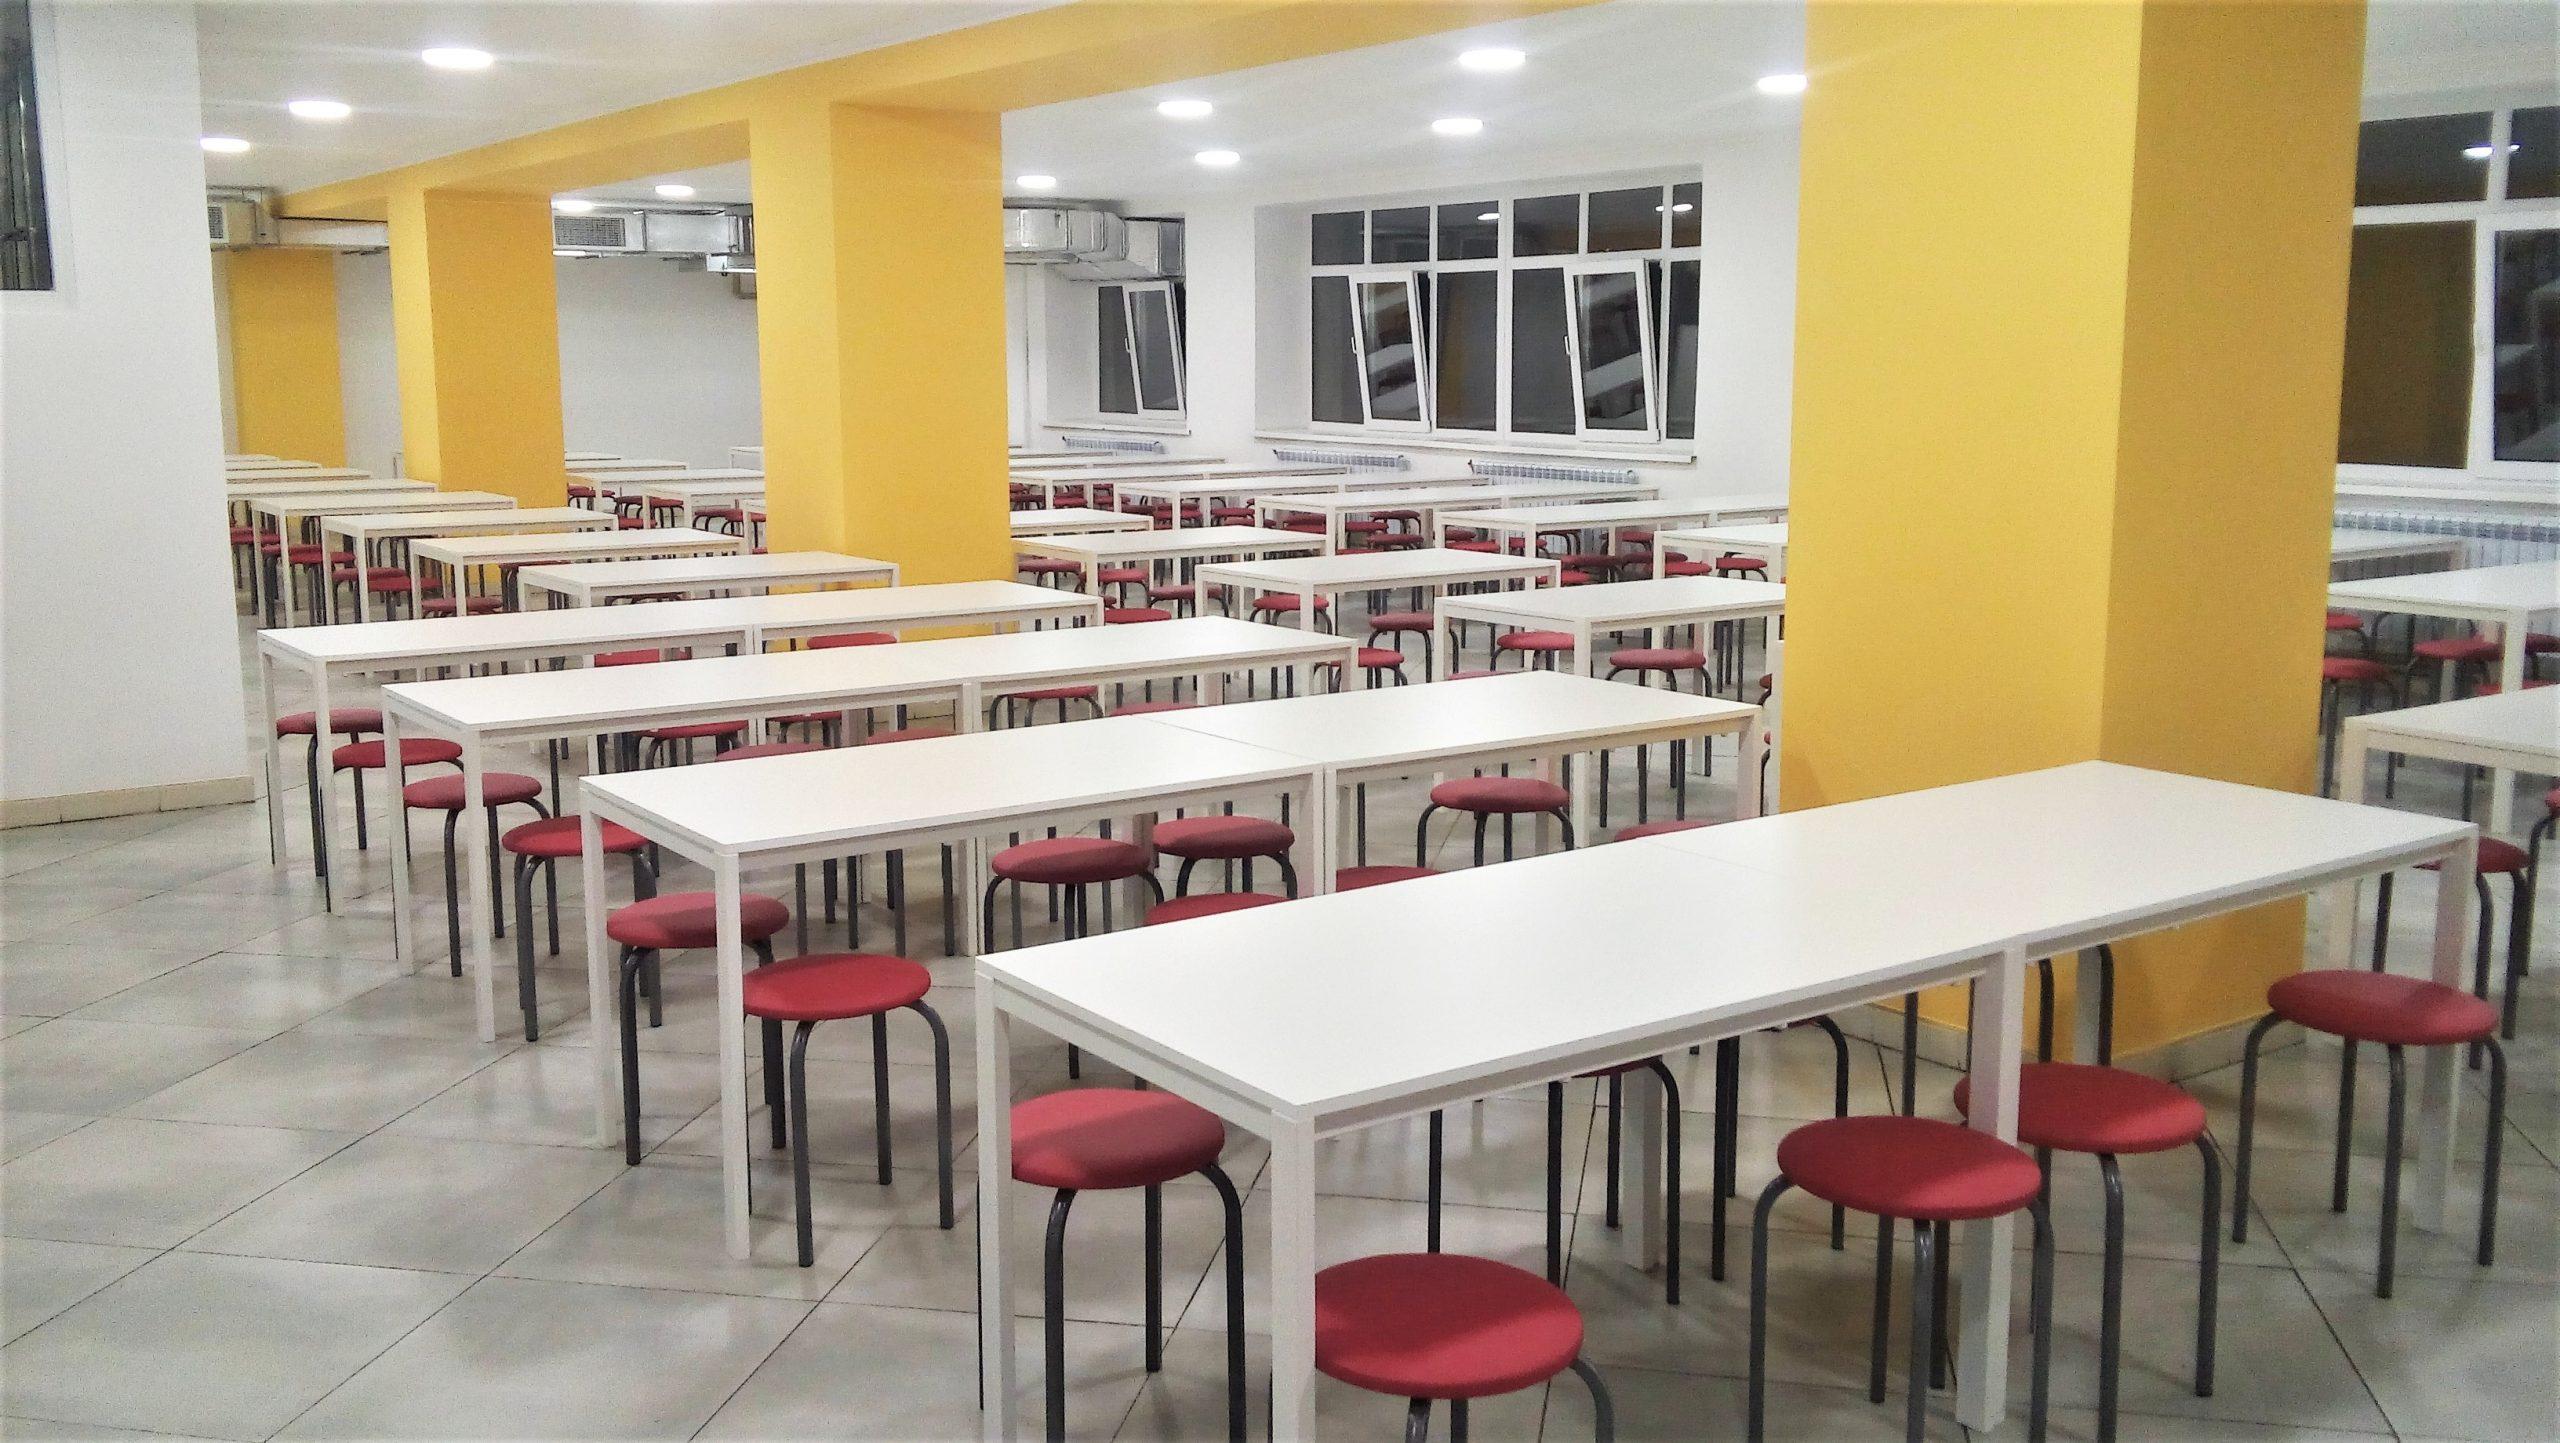 Цьогоріч планується продовжити модернізацію харчоблоків закладів загальної середньої освіти Рівненщини